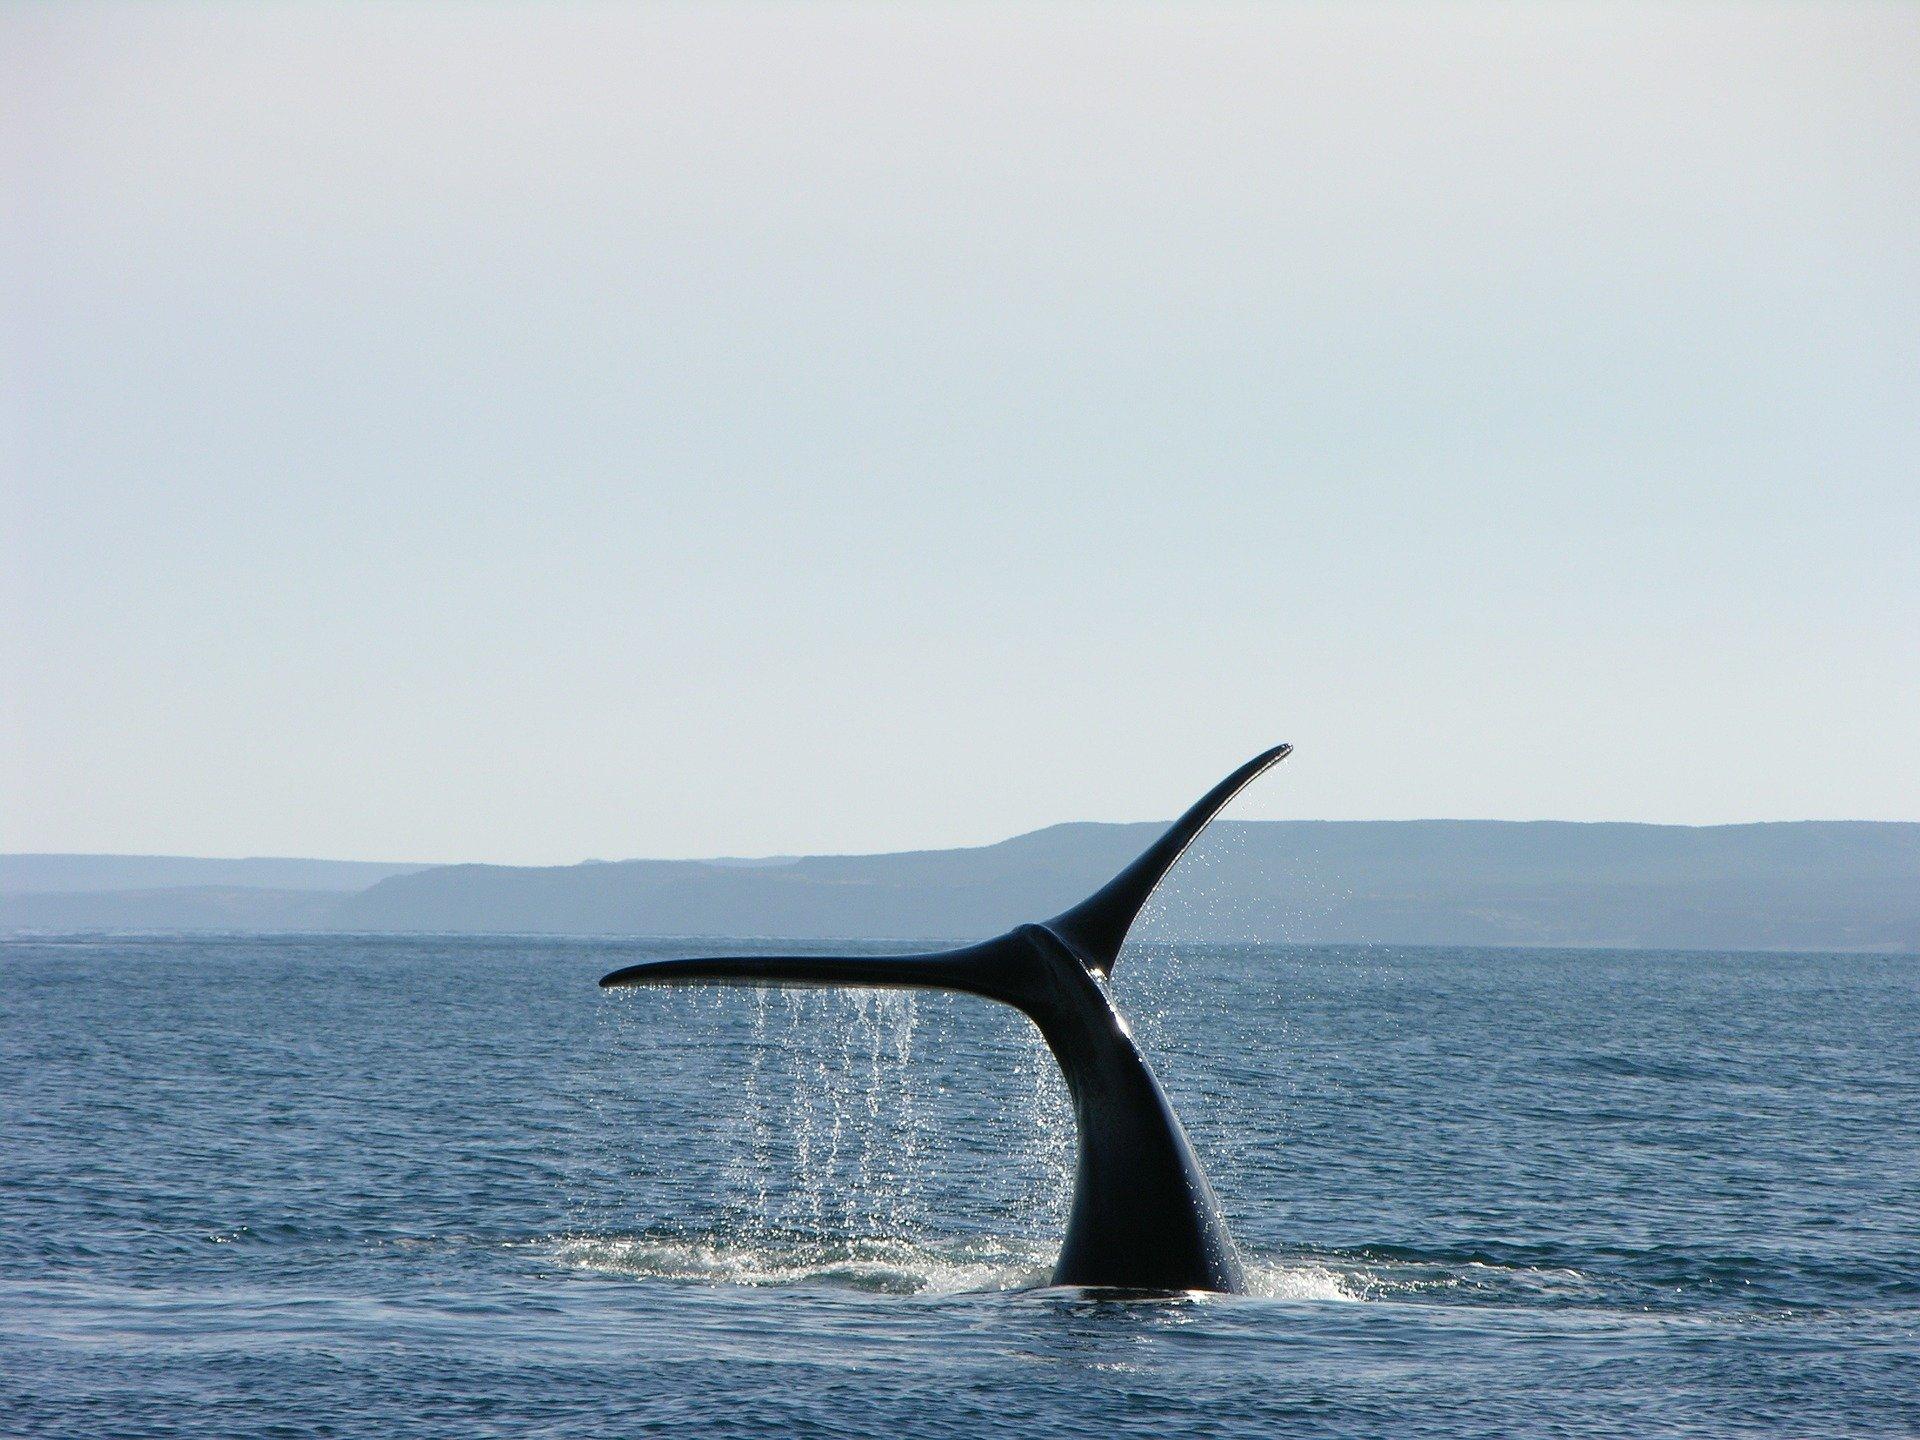 Минсельхоз предложил запретить экспорт китов, дельфинов и морских свиней